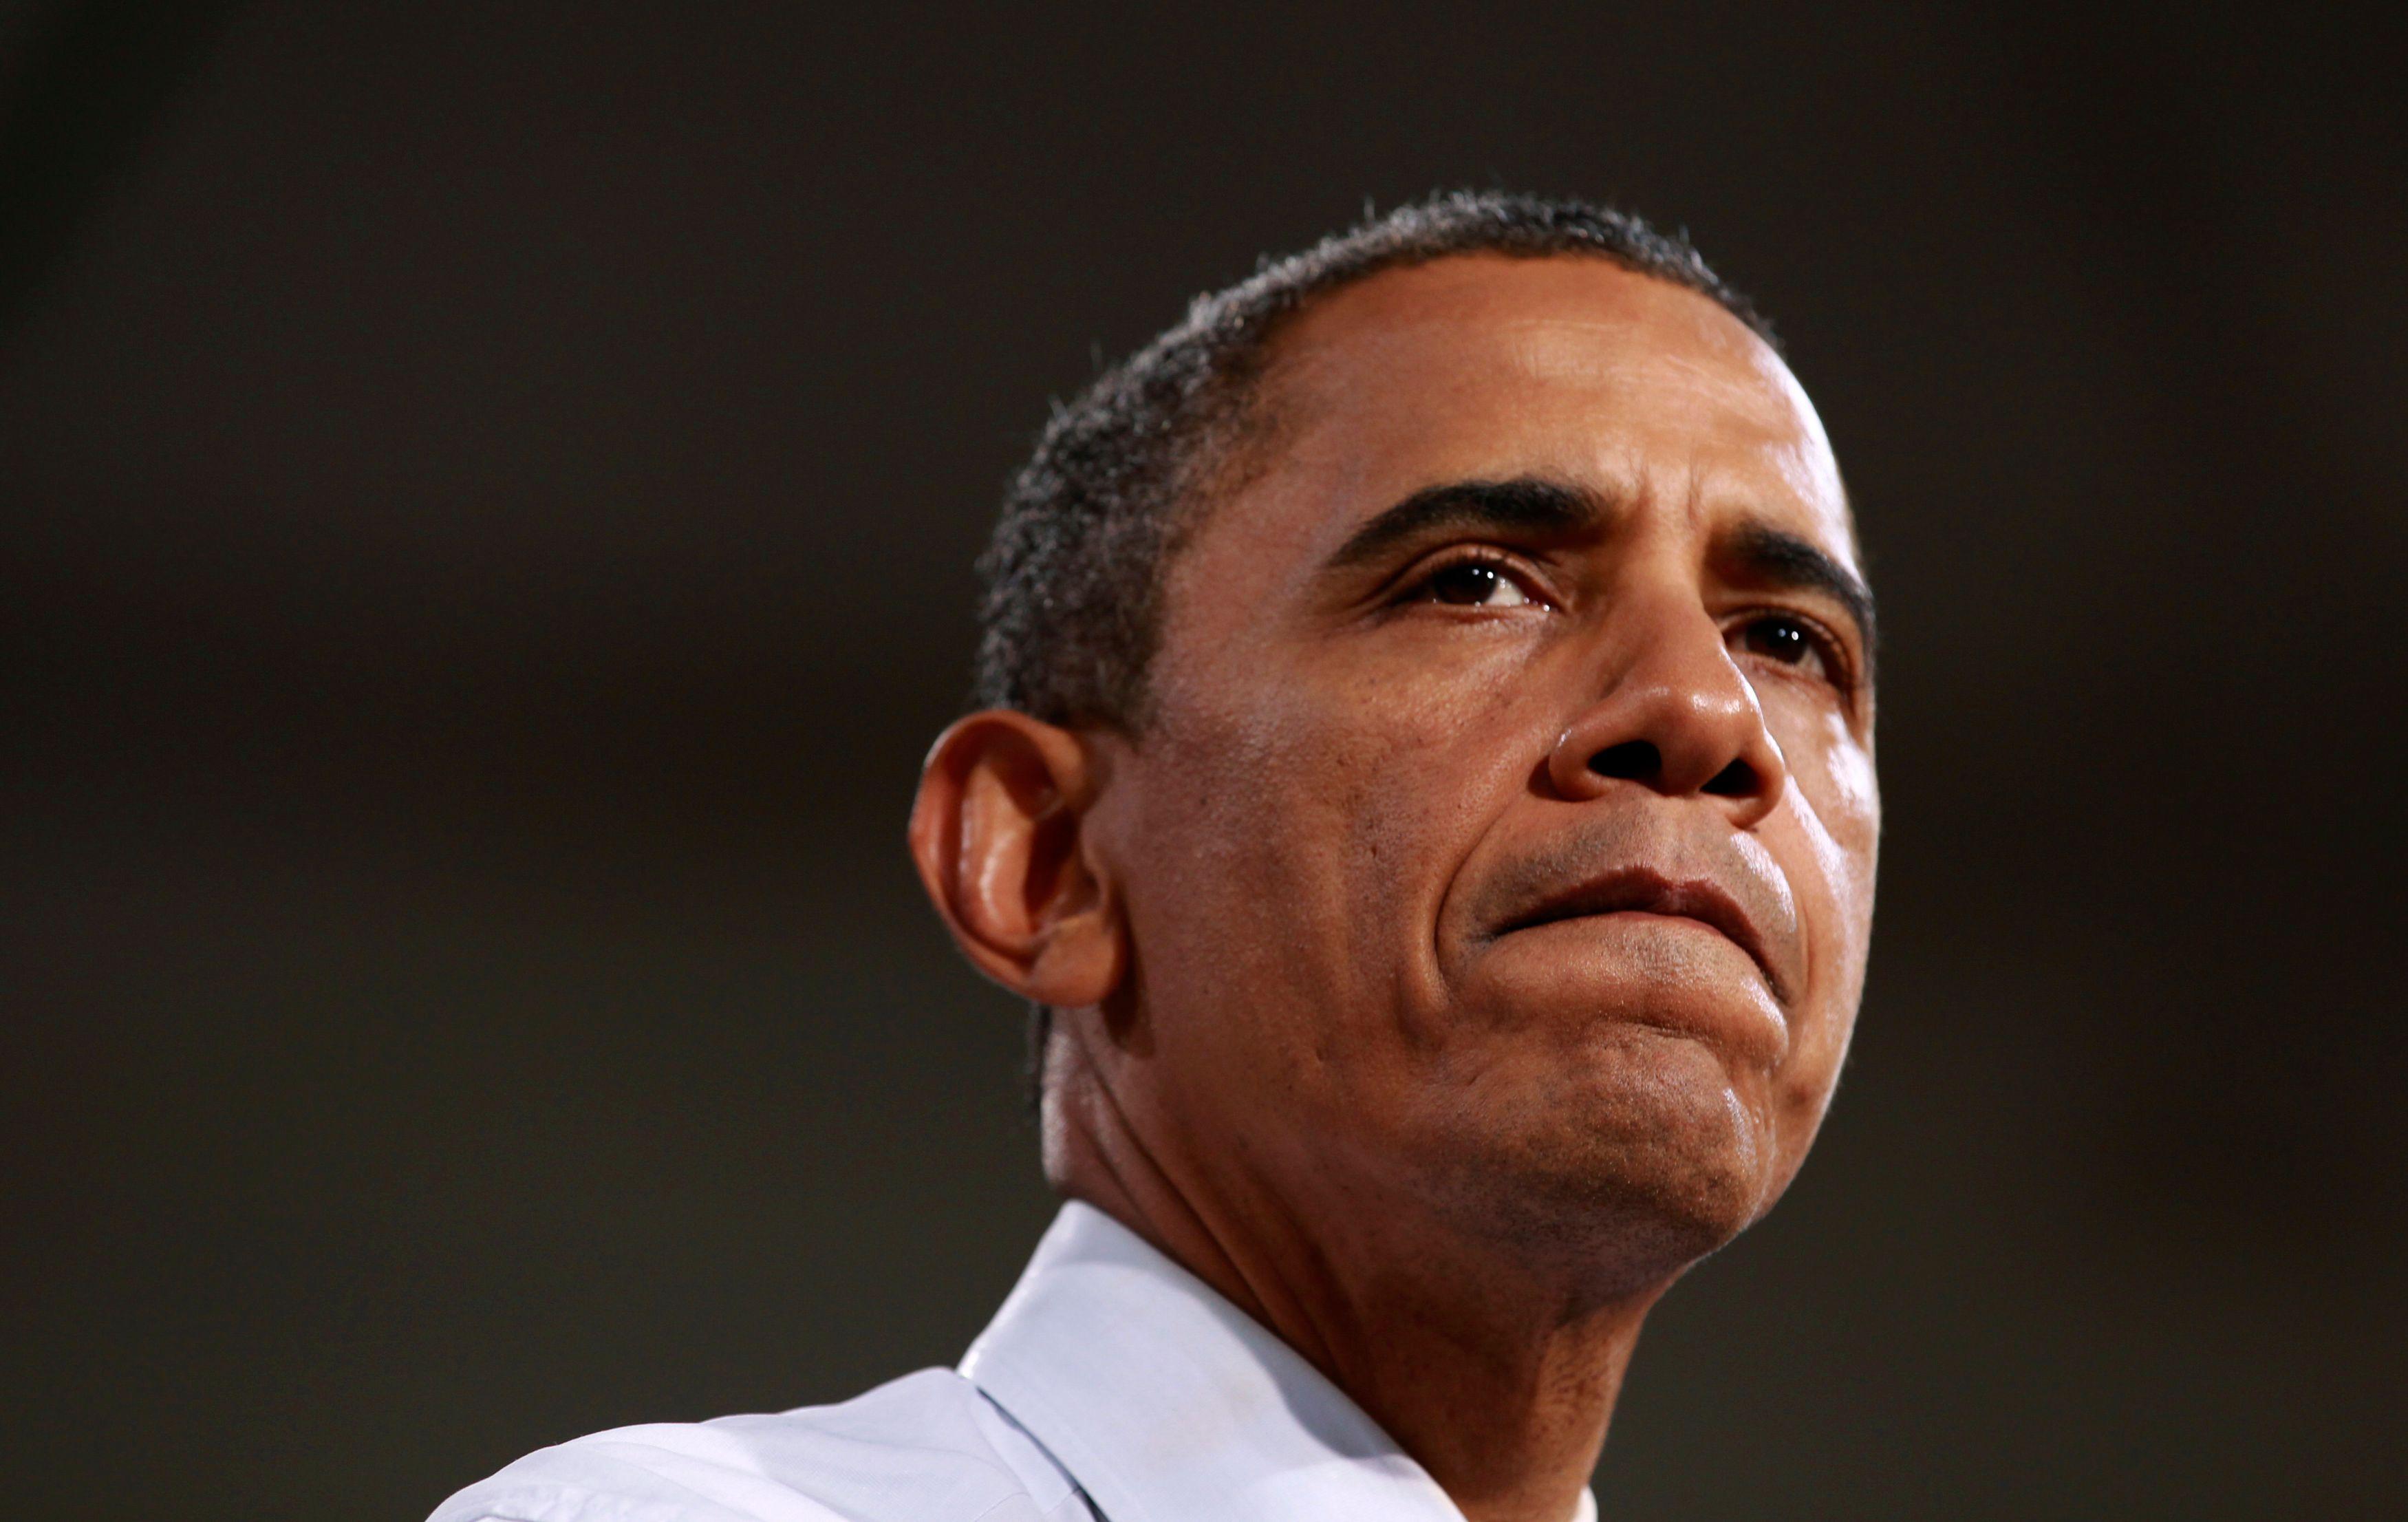 """Irak : Obama n'envoie pas de troupes mais étudie """"d'autres options"""""""